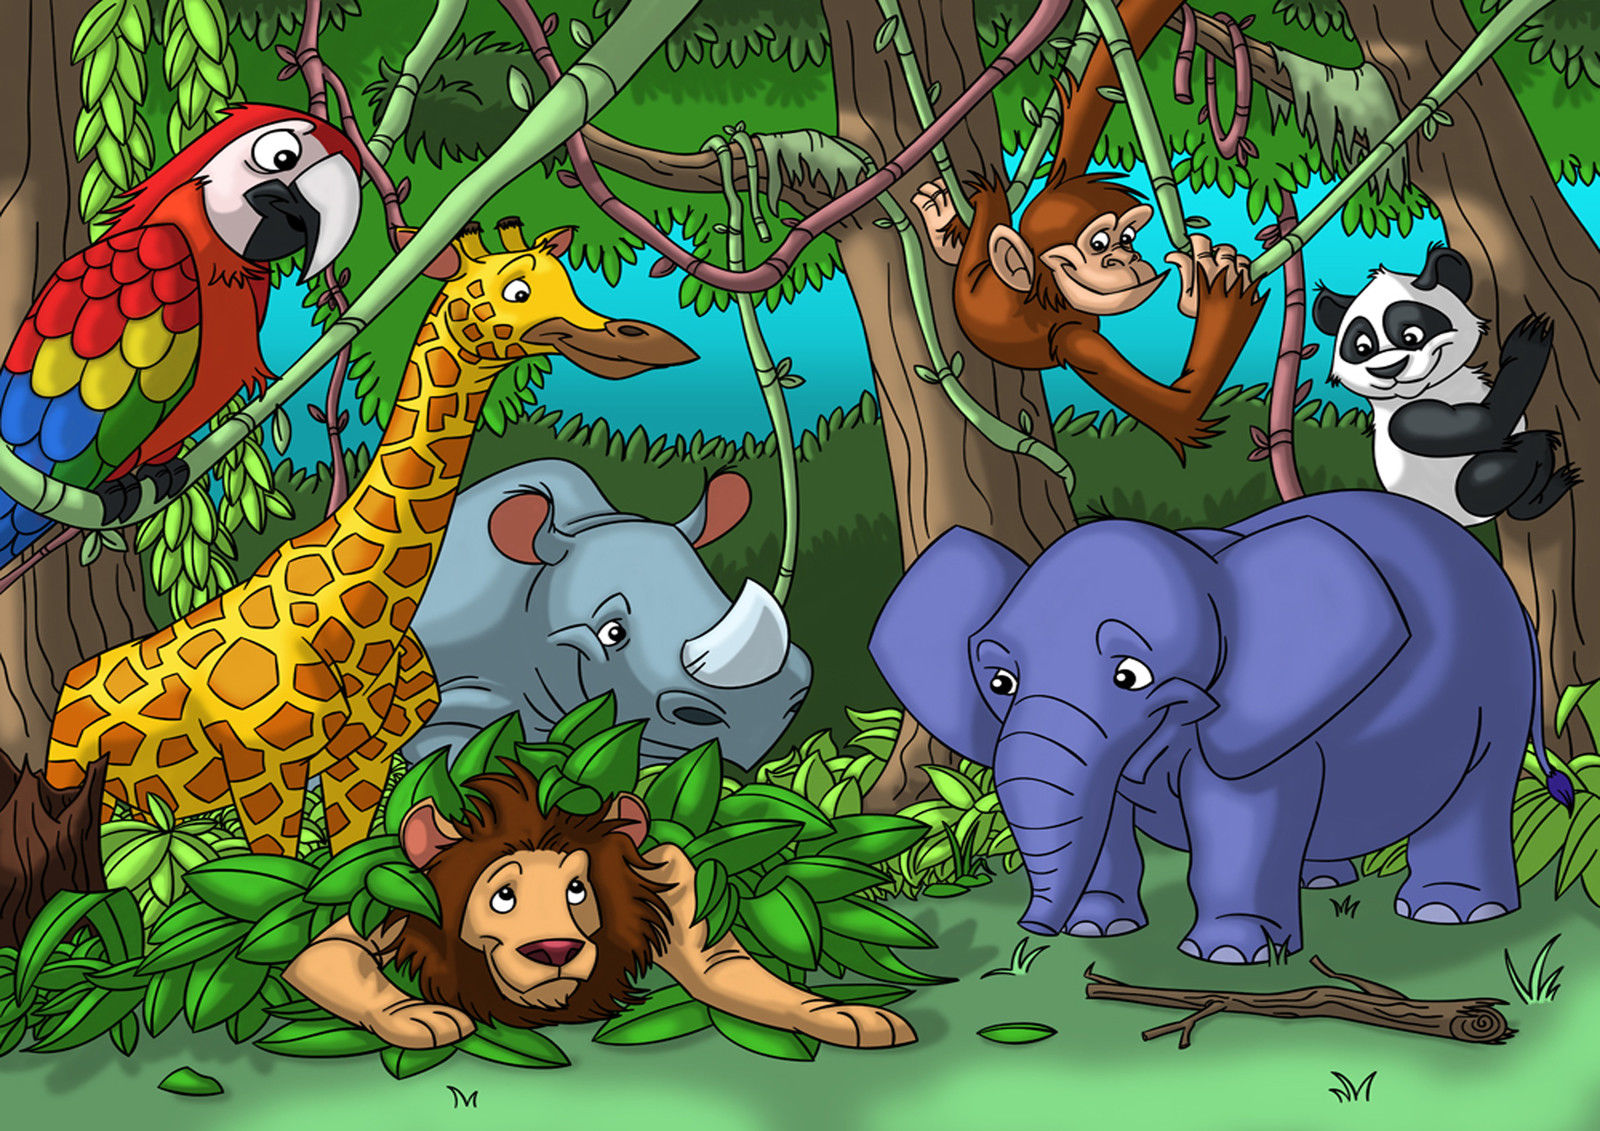 Preis auf jungle animal paintings vergleichen   online shopping ...